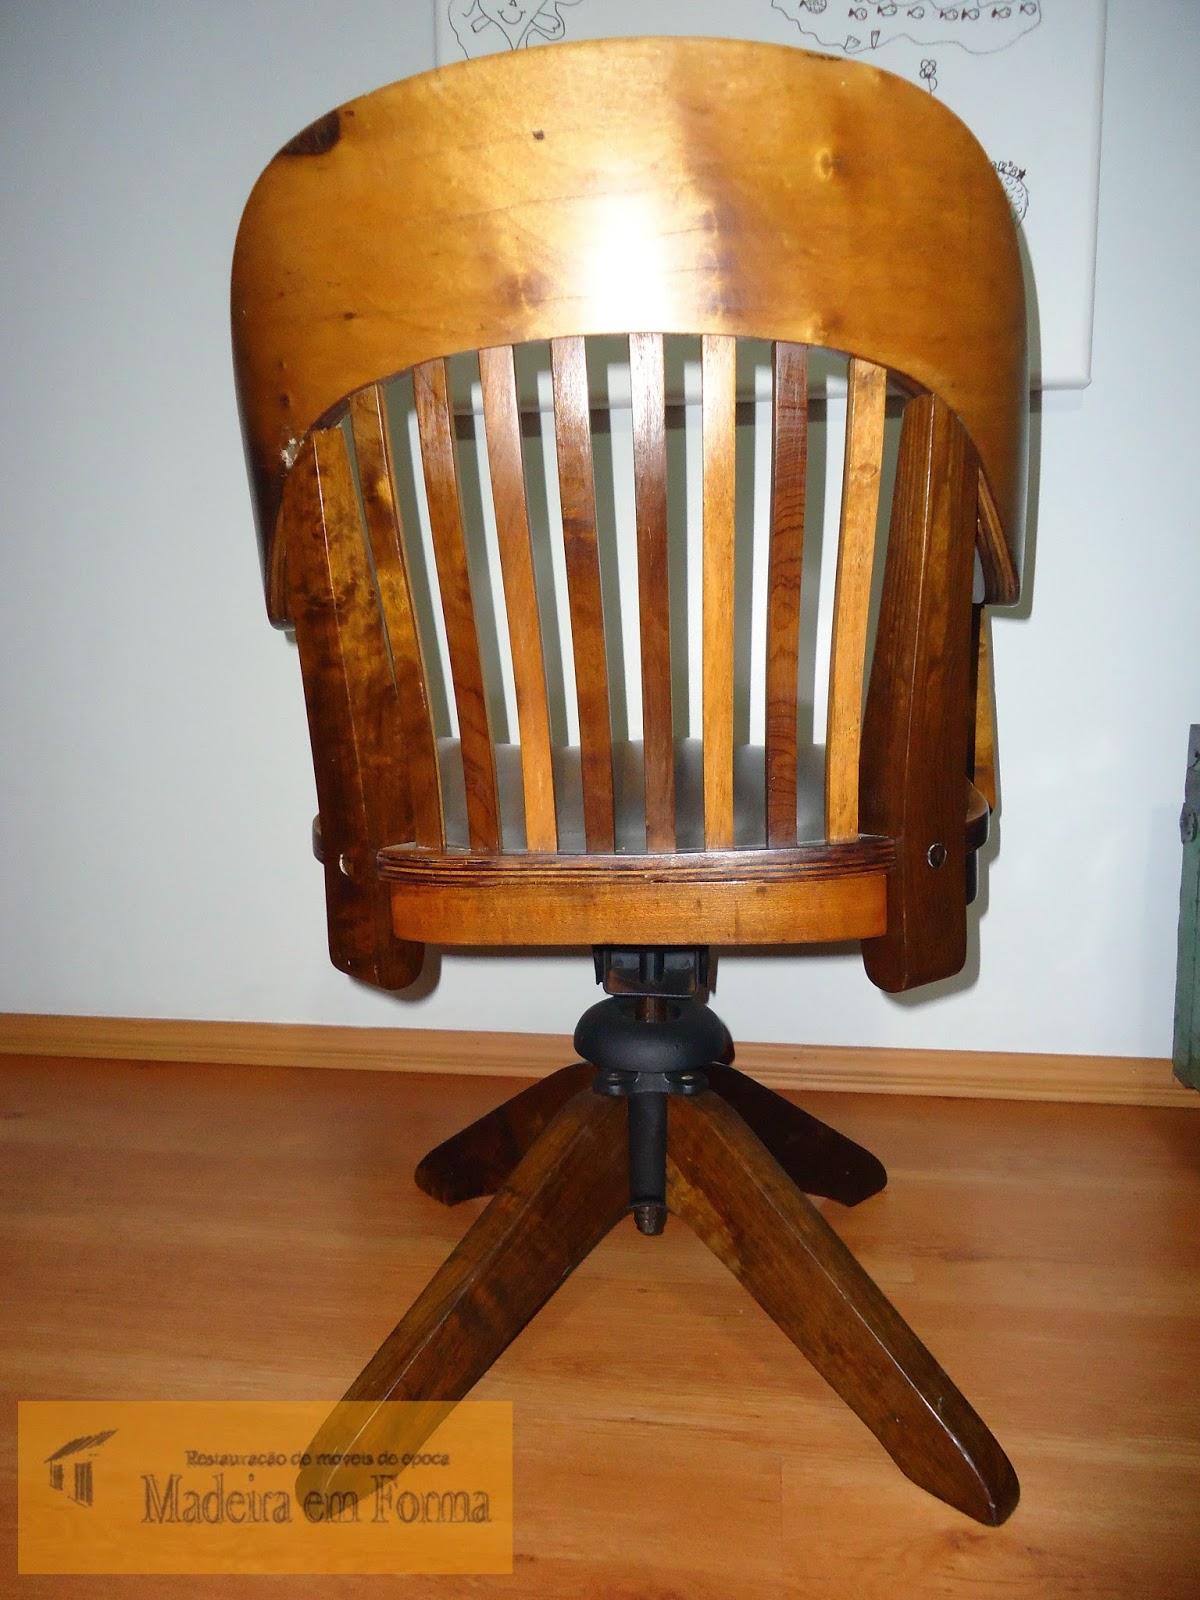 Restauração de Móveis de Época : Cadeira Cimo giratória  #B47717 1200x1600